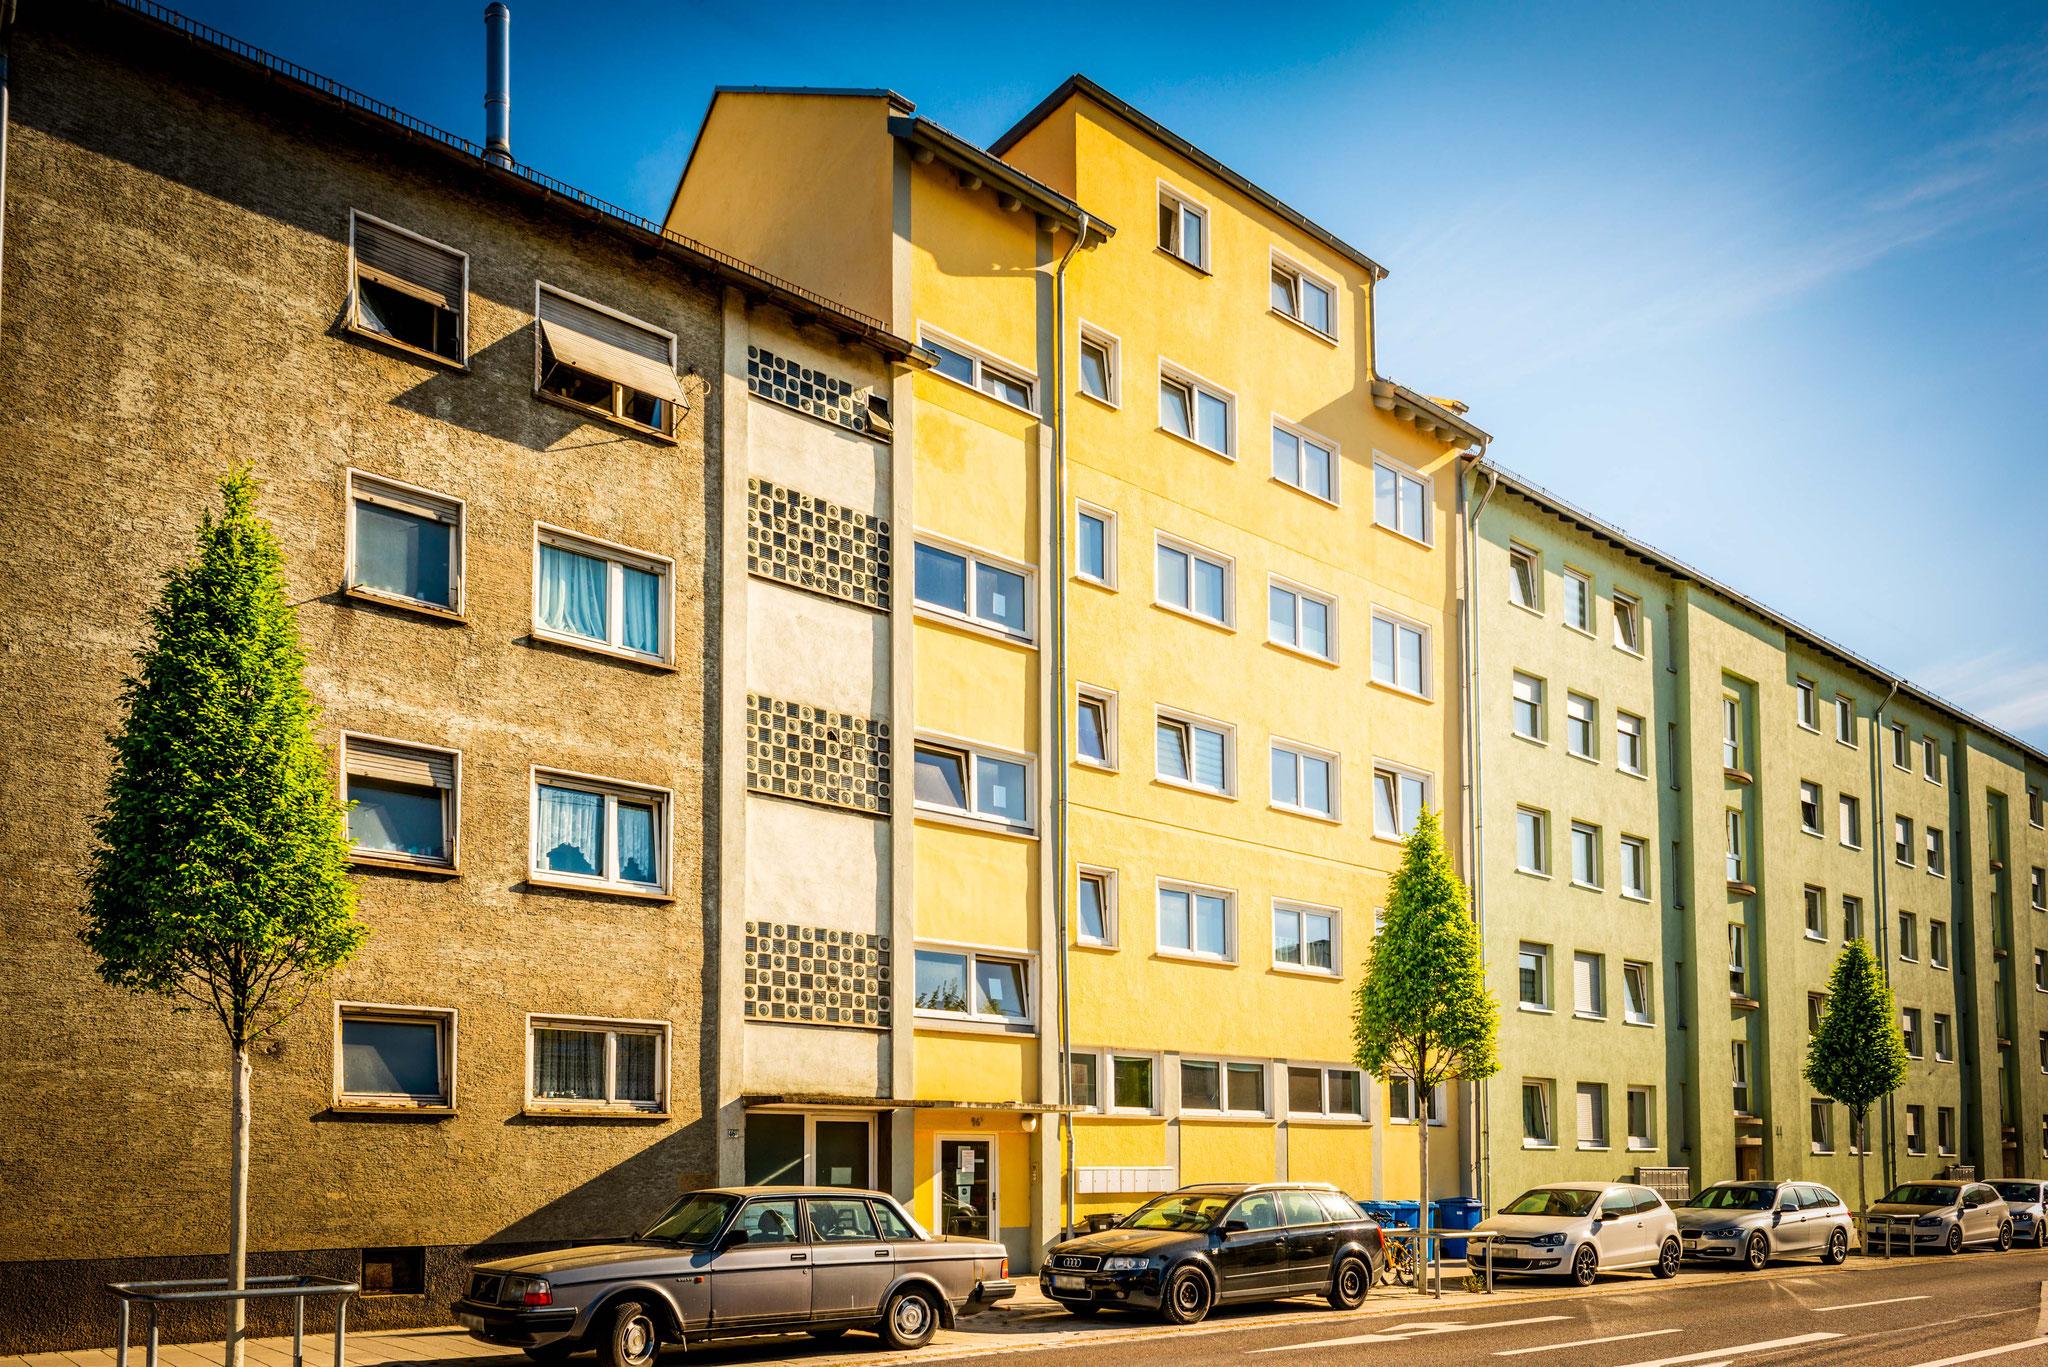 Aufstockung - Erweiterung um ein zusätzliches Stockwerk